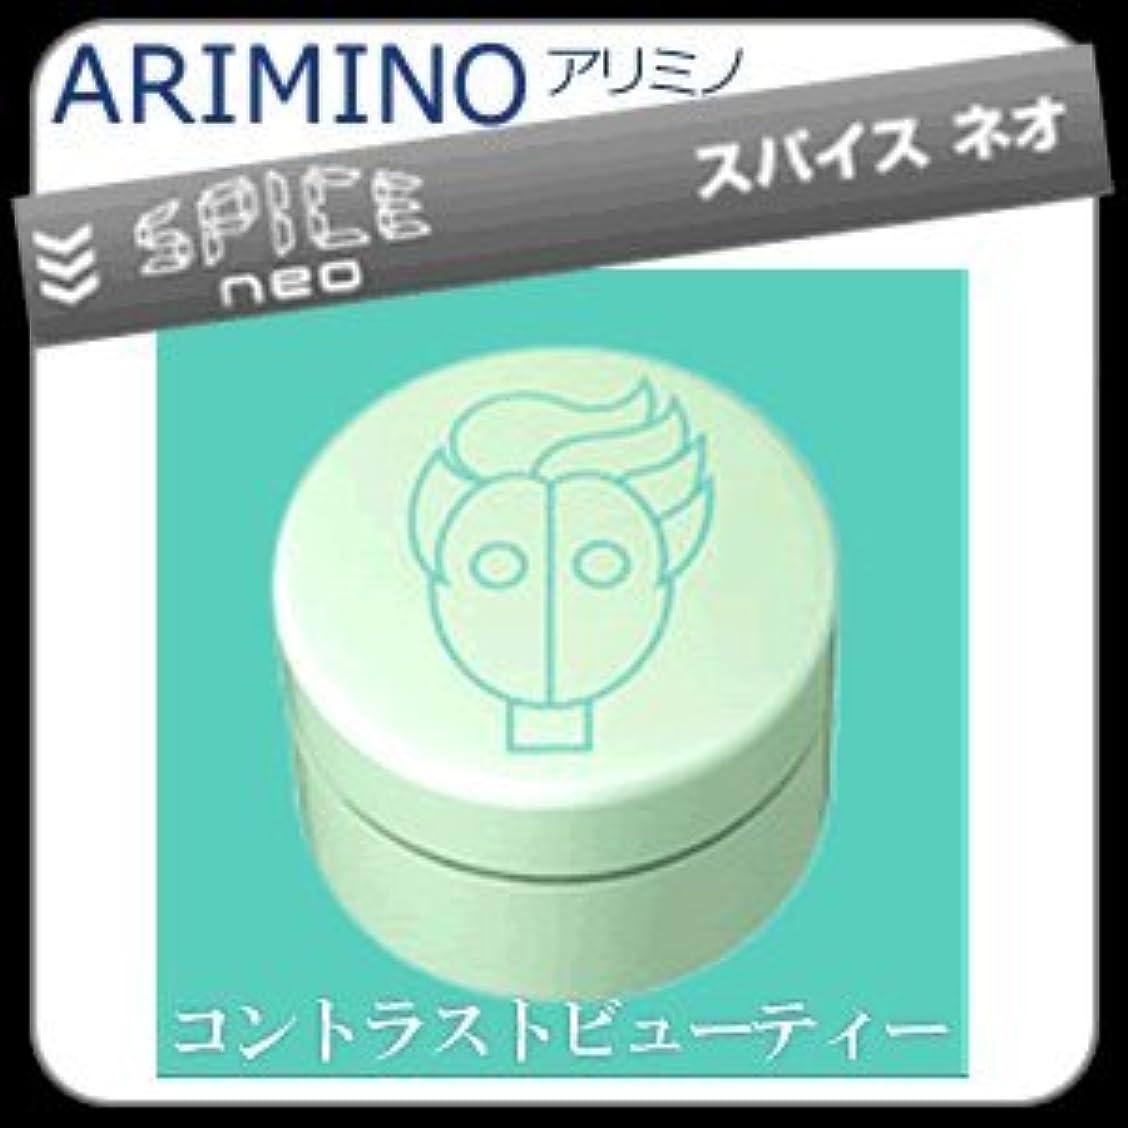 異邦人デッキ幅【X2個セット】 アリミノ スパイスネオ GREASE-WAX グリースワックス 100g ARIMINO SPICE neo